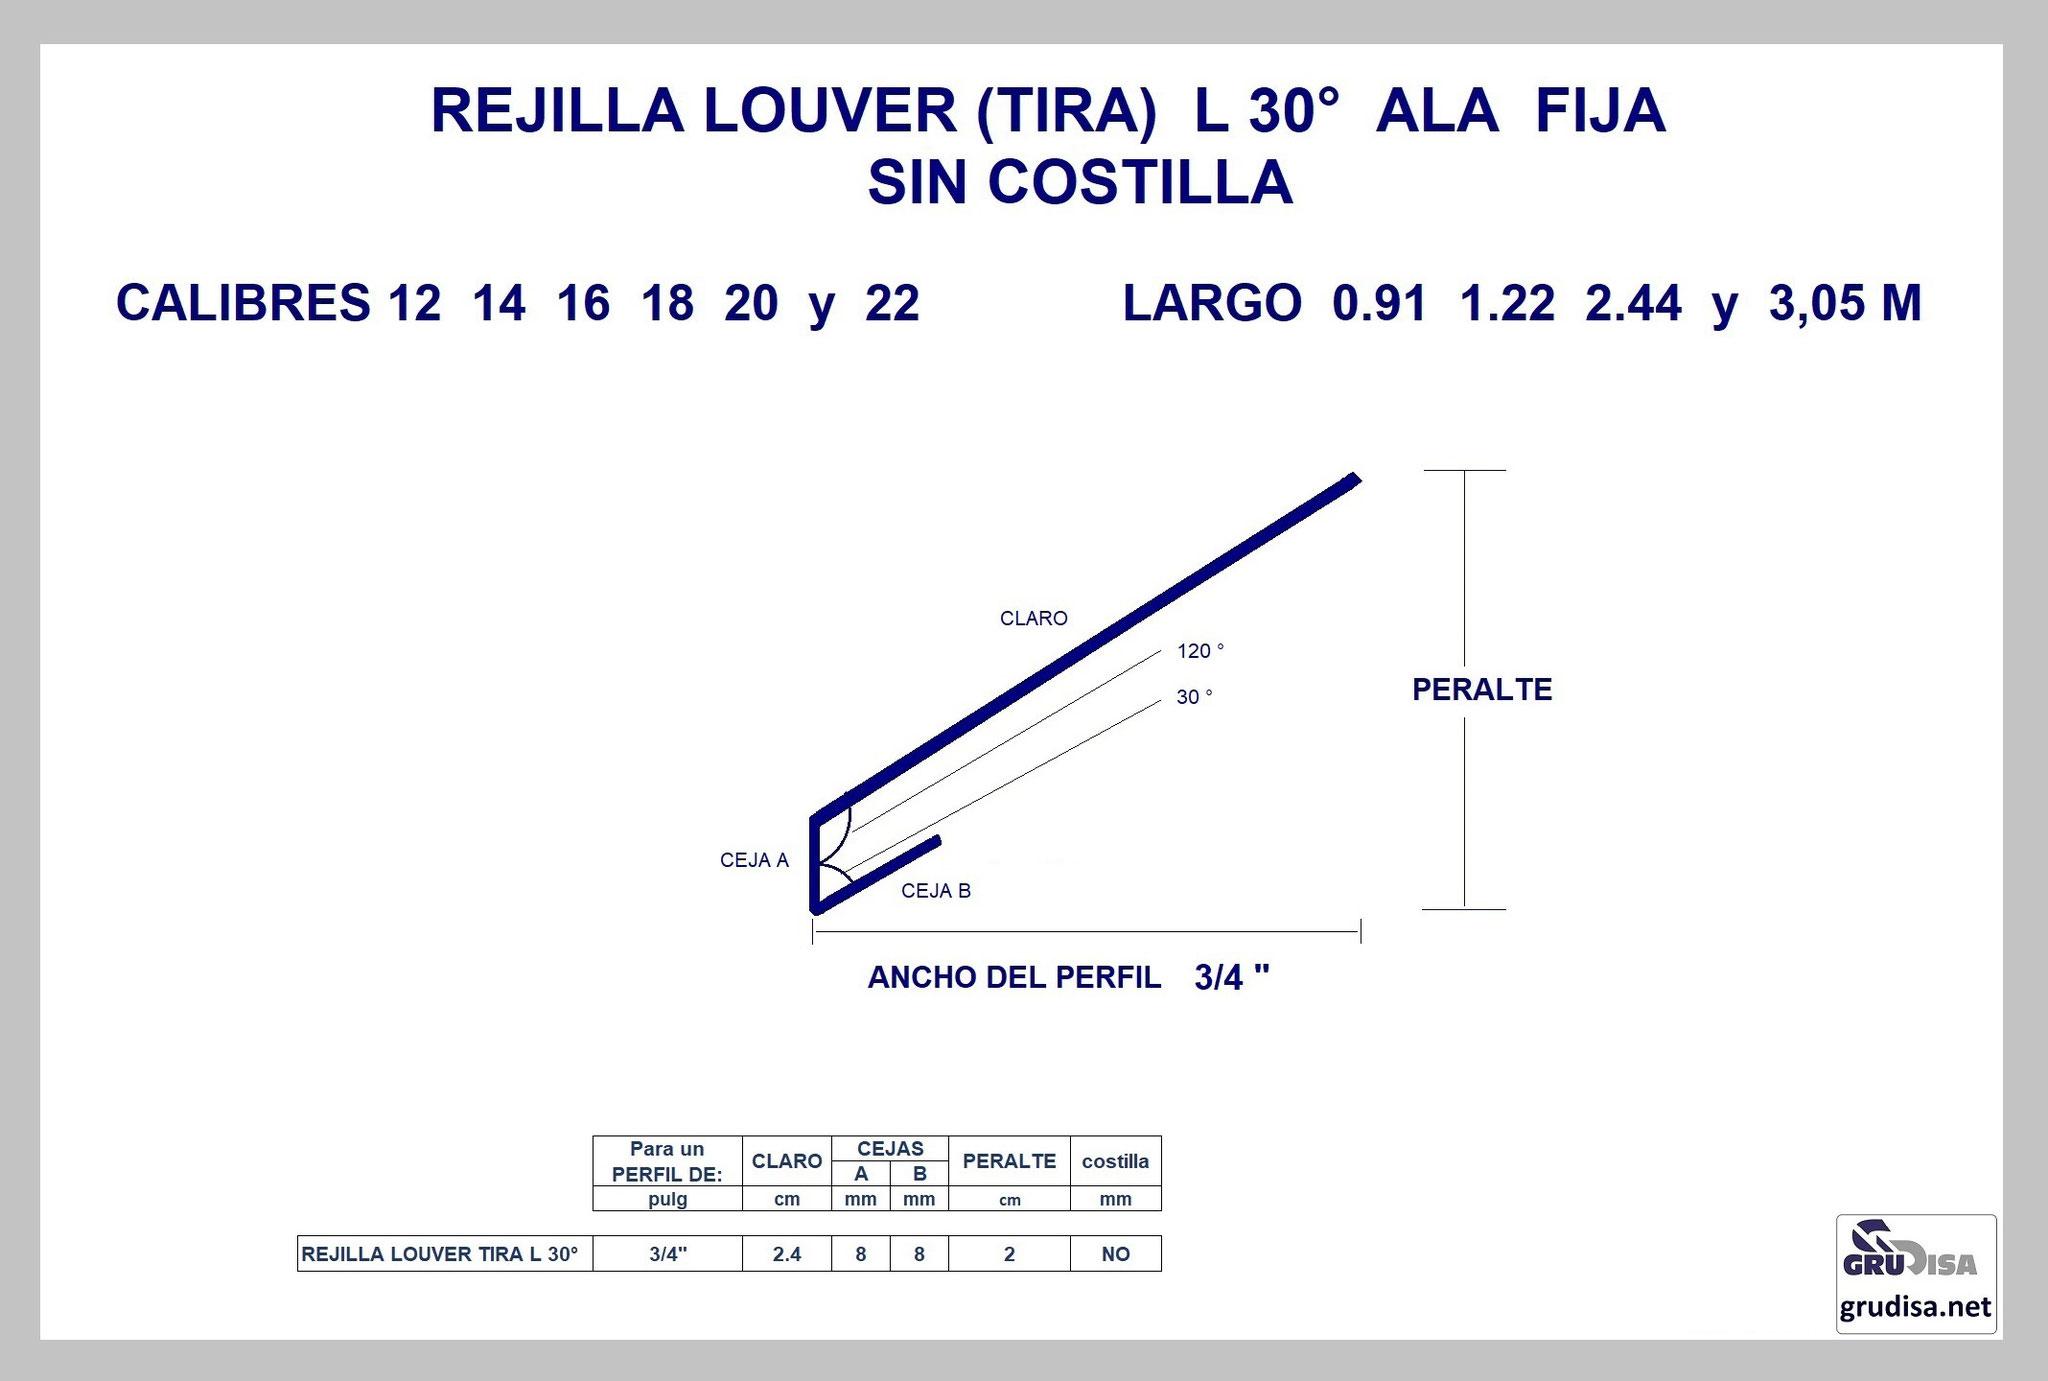 """REJILLA LOUVER (TIRA) L 30° Para PERFIL de 3/4"""" SIN COSTILLA"""